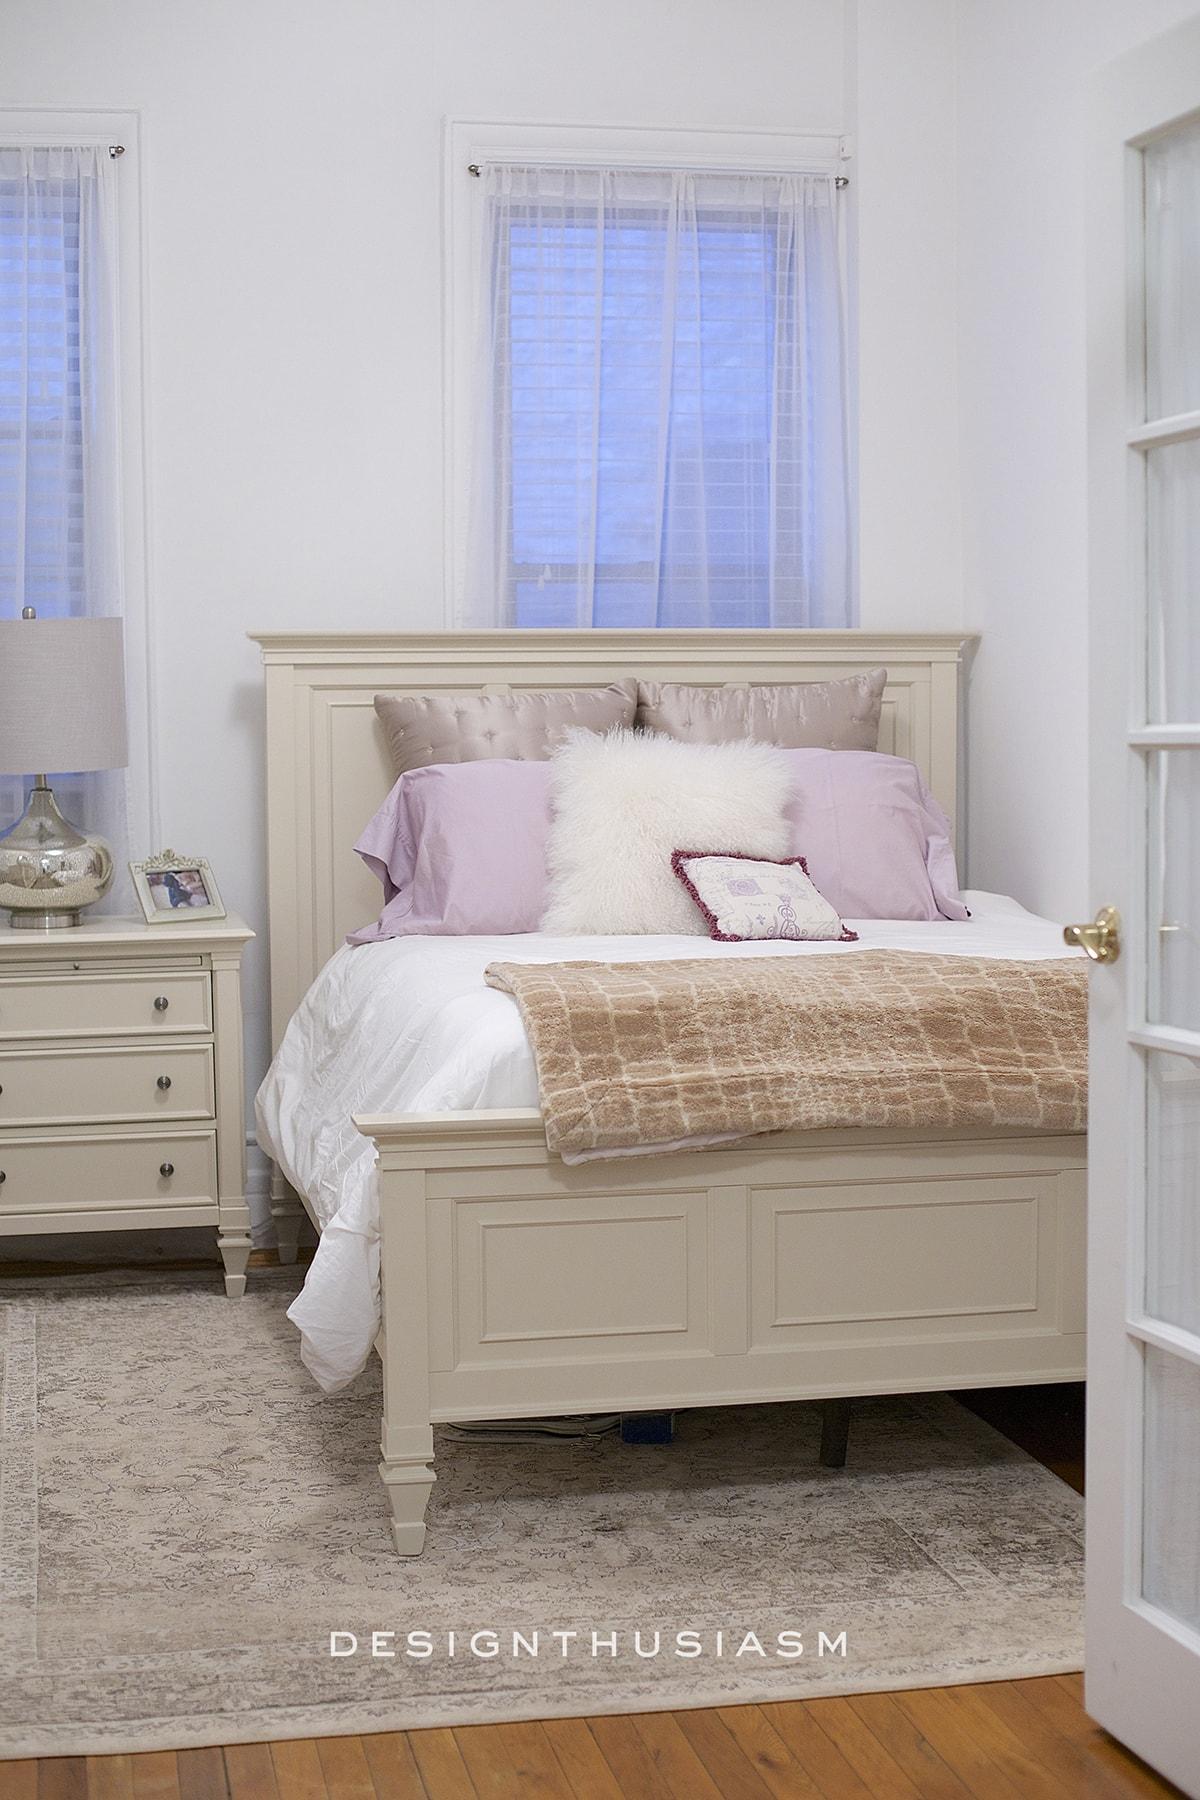 manhattan-bedroom-designthusiasm-com